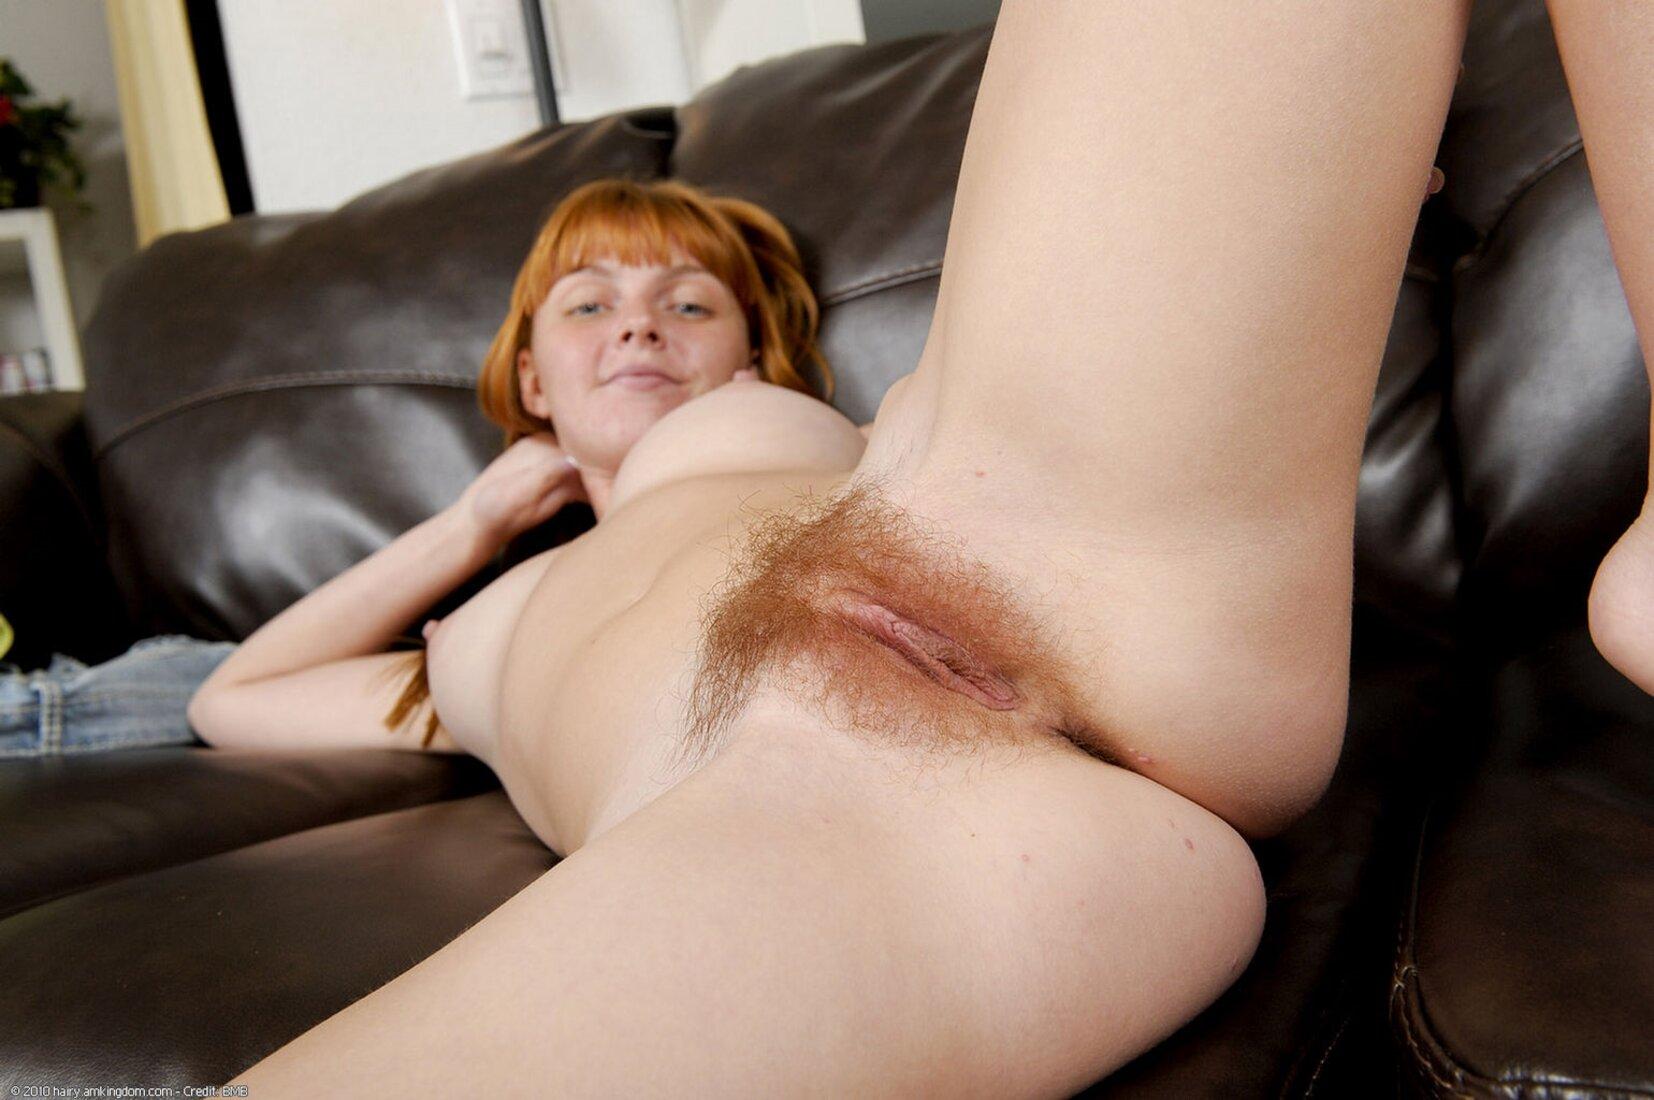 рыжая волосатая пизда девушка лежит на черном кожаном диване раздвинув ноги, классные сиськи стоят торчком.